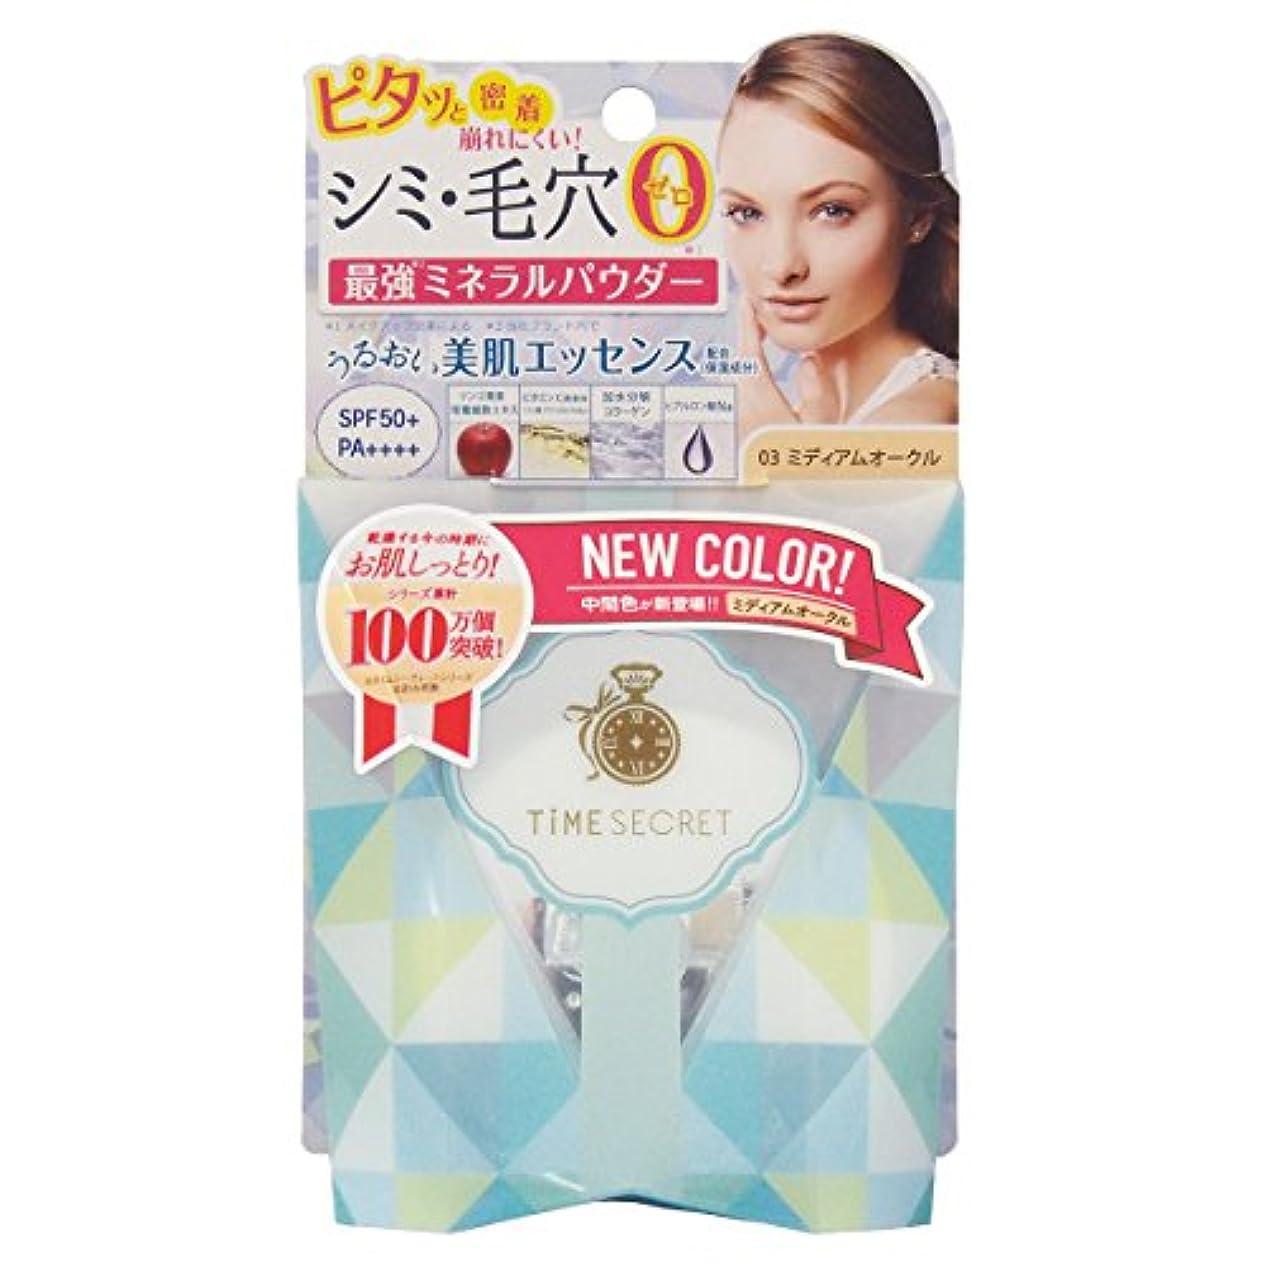 四分円主張入場料タイムシークレット ミネラルUVパウダー 03 ミディアムオークル (7g)